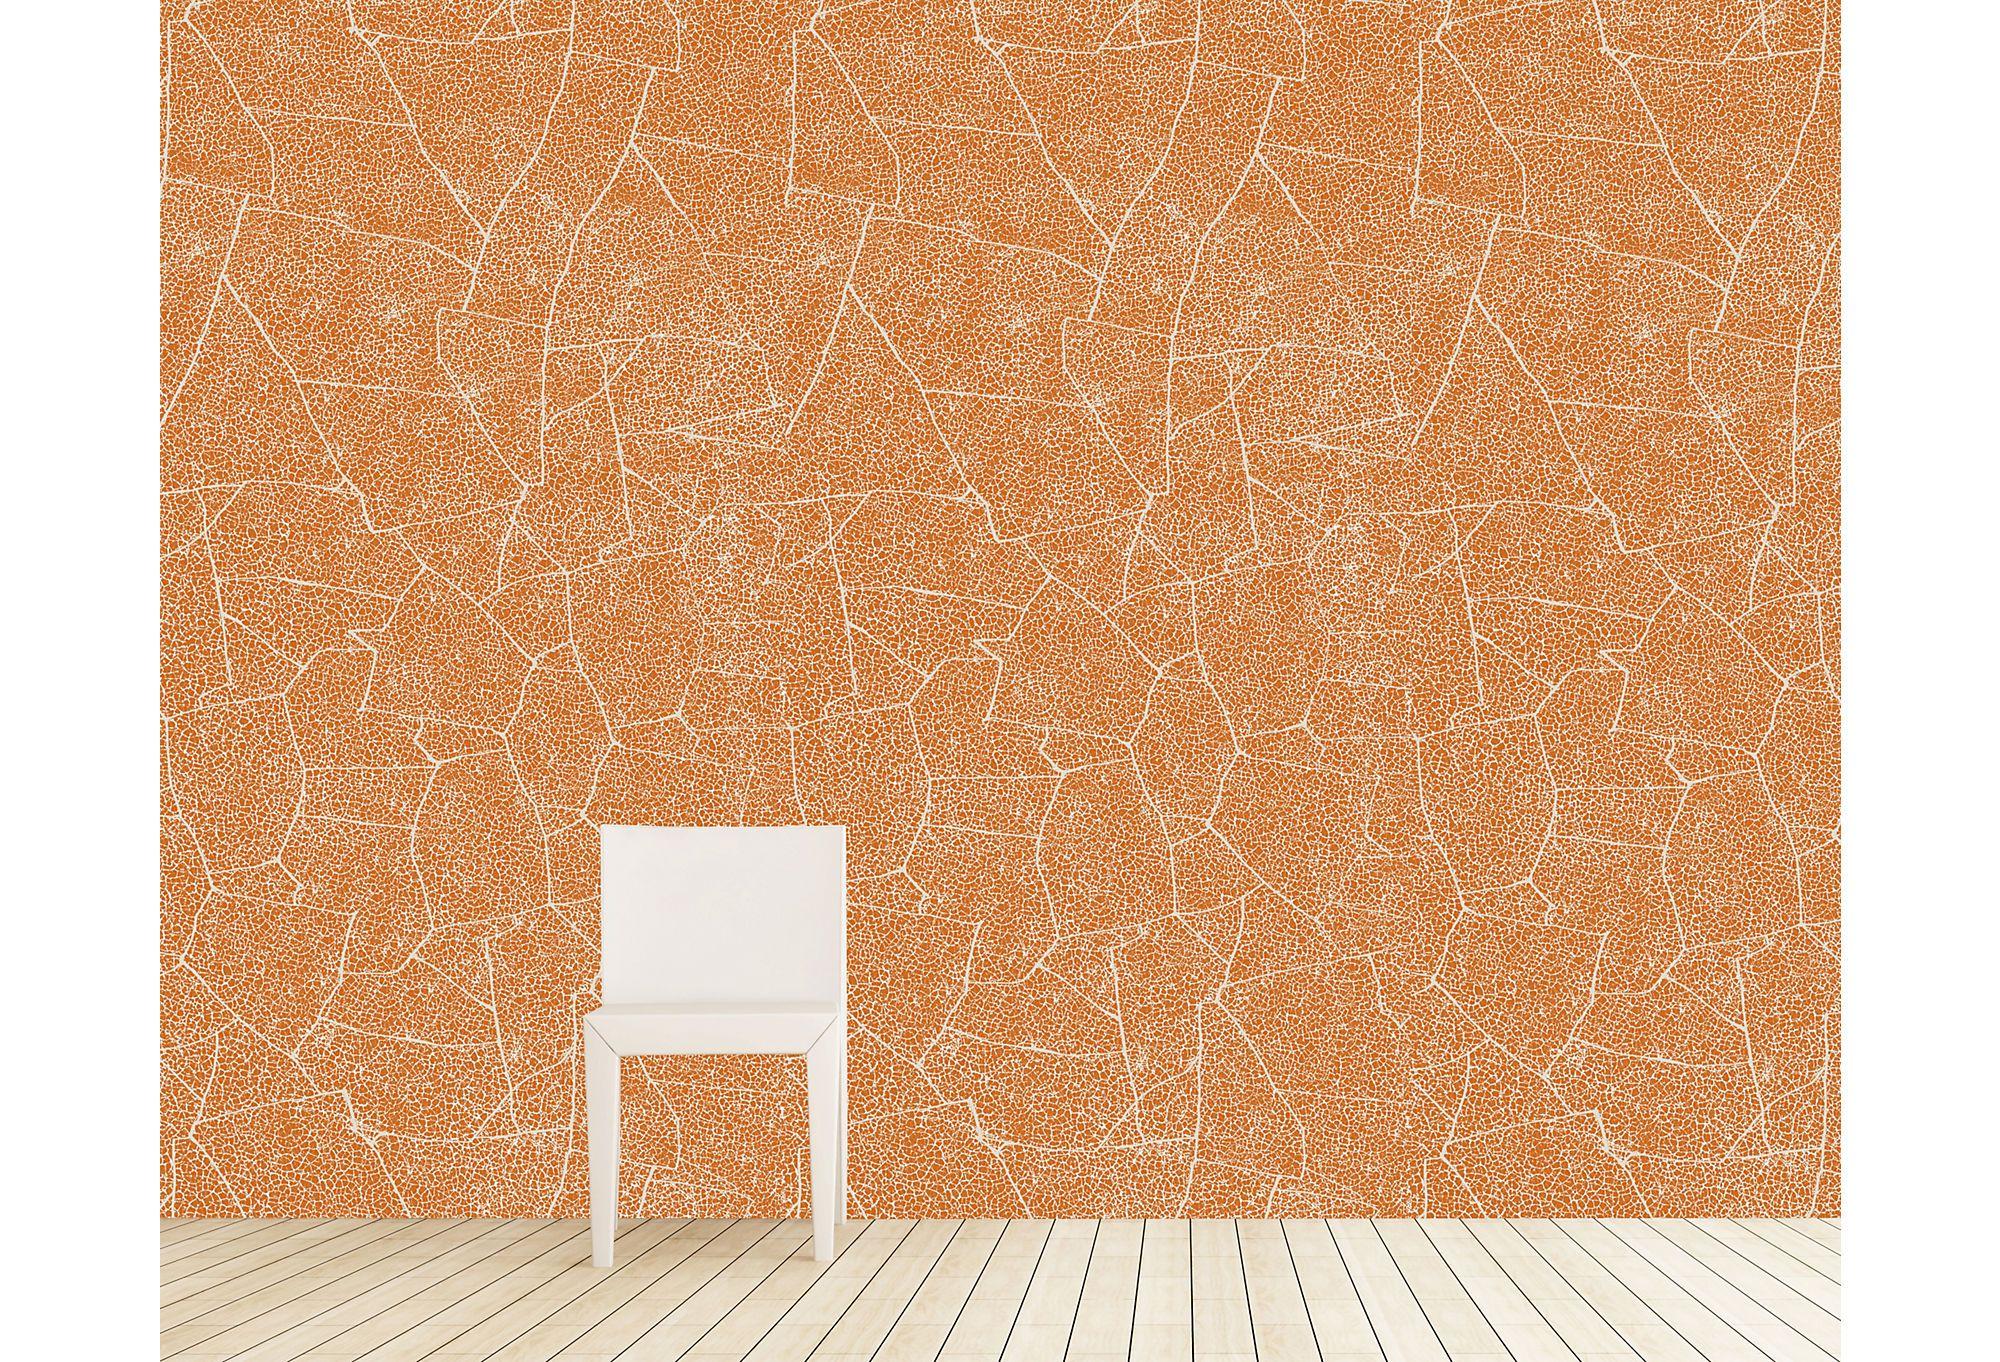 Crackle Wallpaper, Persimmon w/Cream